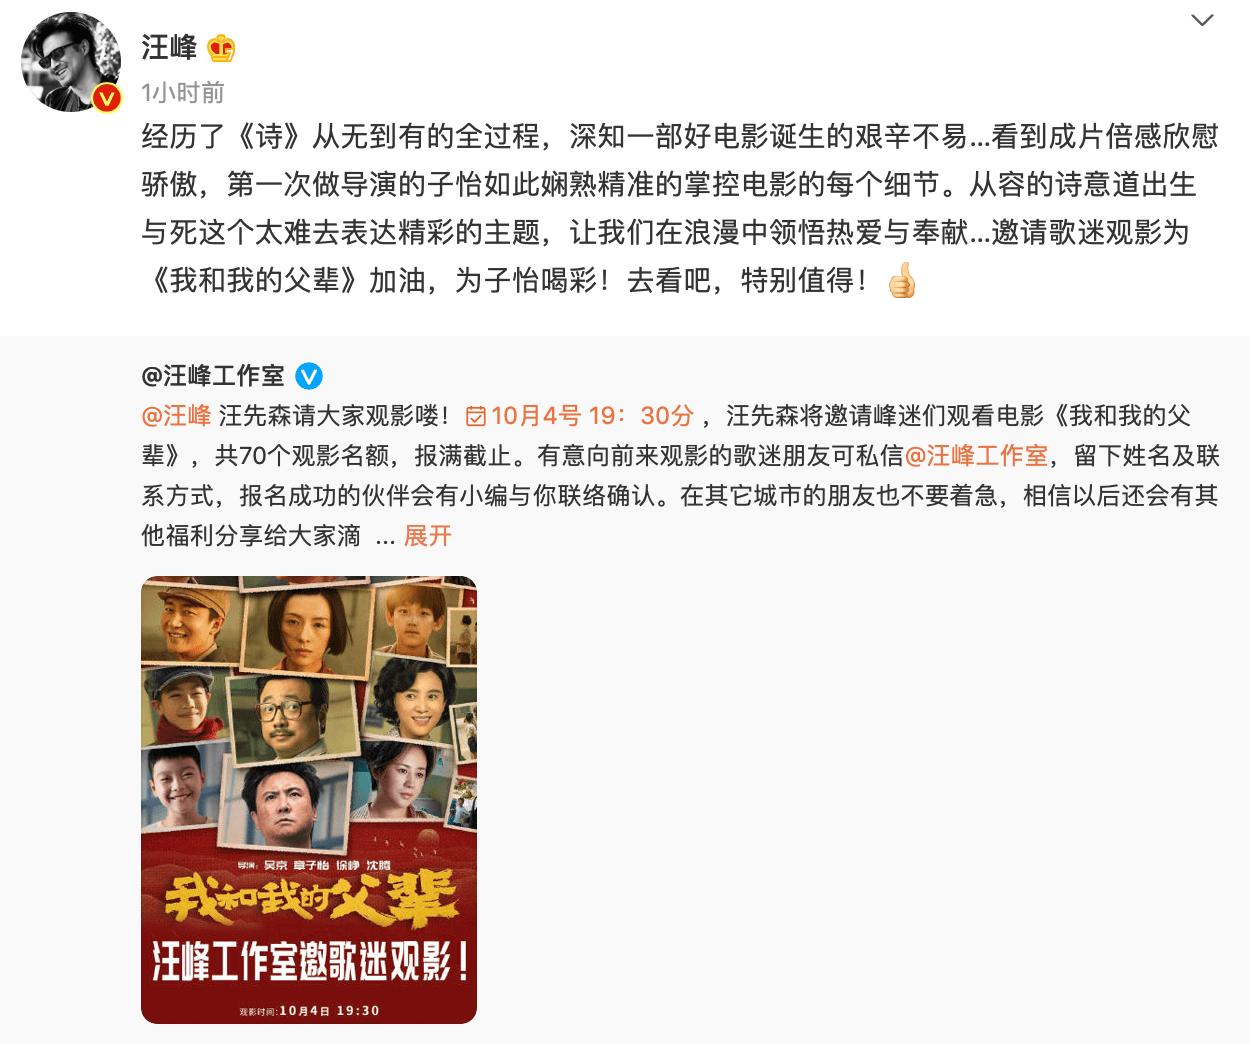 汪峰包场支持章子怡新电影:为子怡喝彩 特别值得